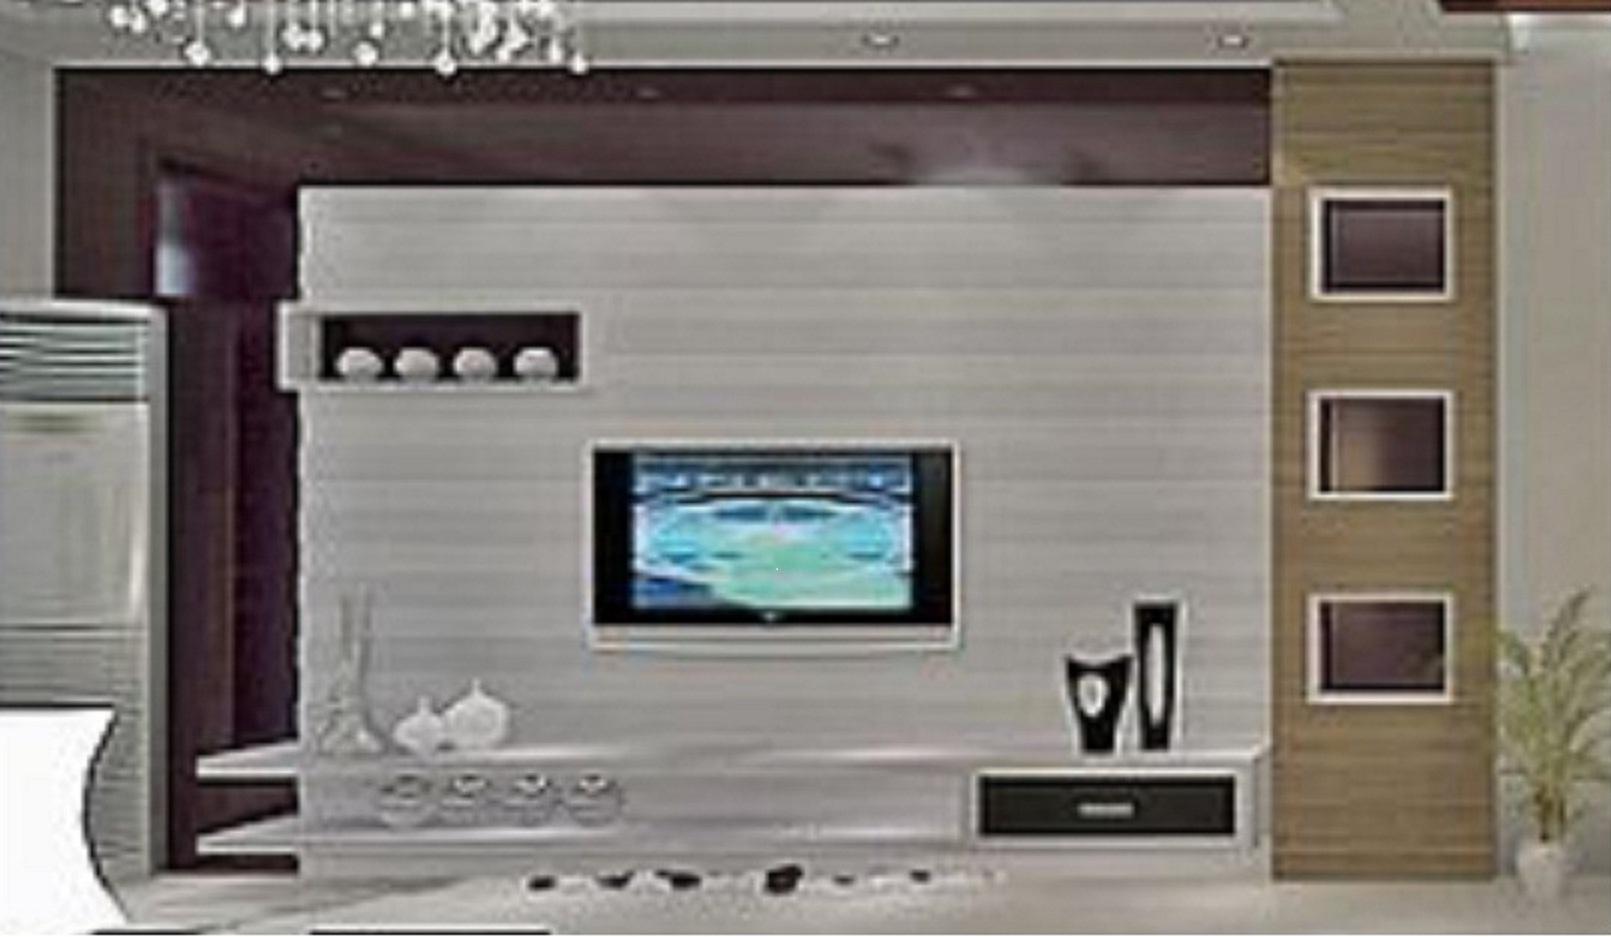 请以这个电视背景墙图怎么做?